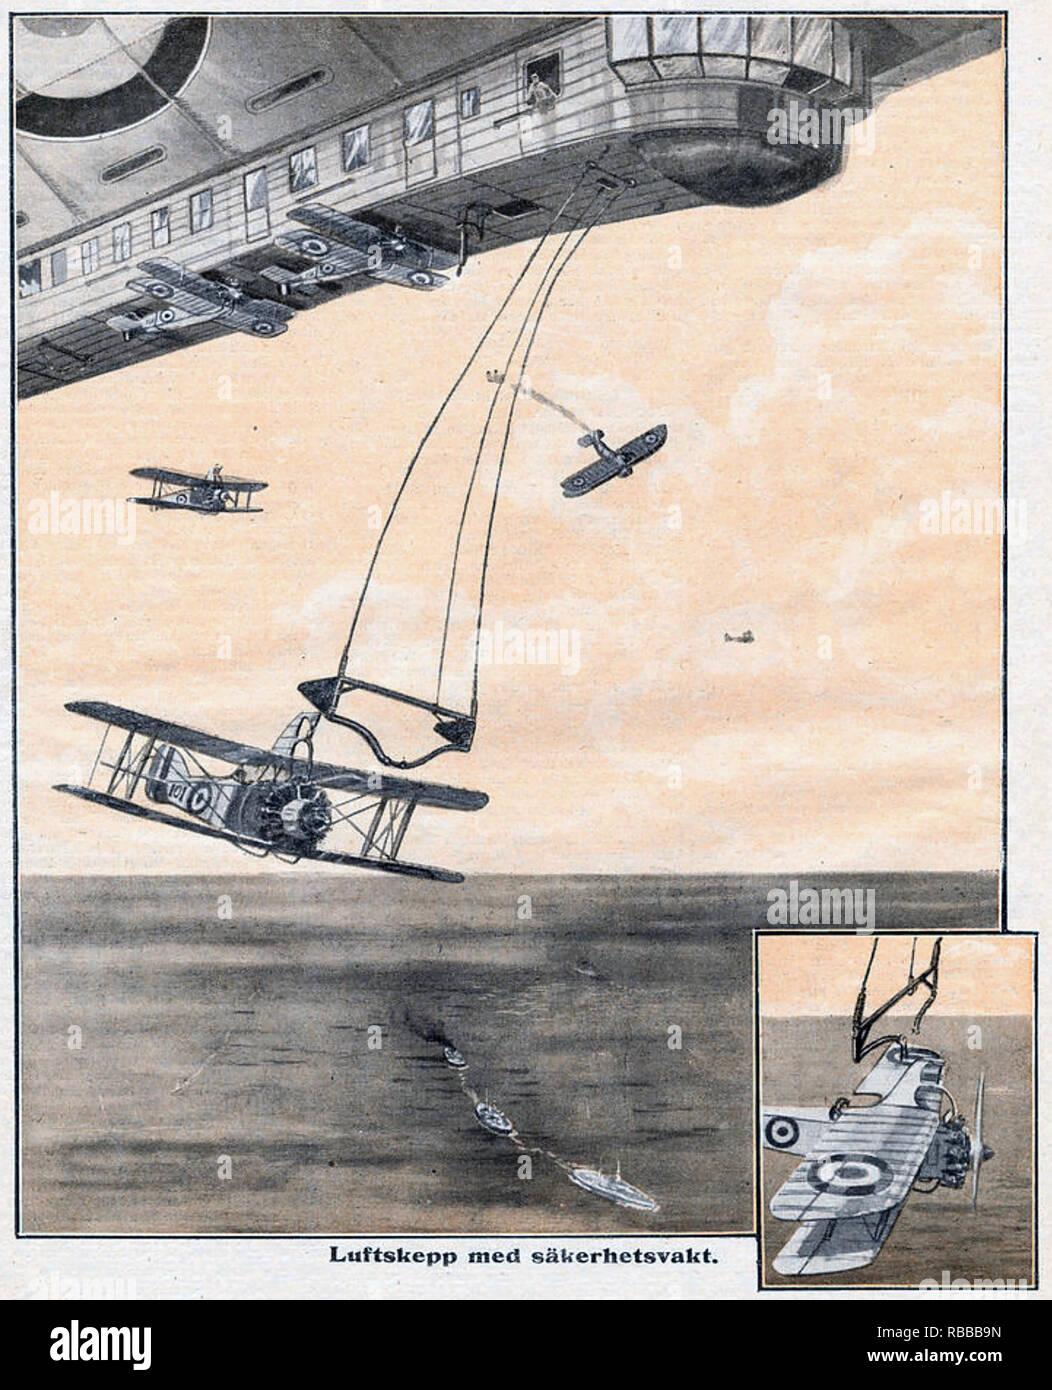 AIRSHIP lance un concept d'avions fantaisiste dans un magazine suédois de 1925. Remarque la mini châssis sur les biplans. Photo Stock